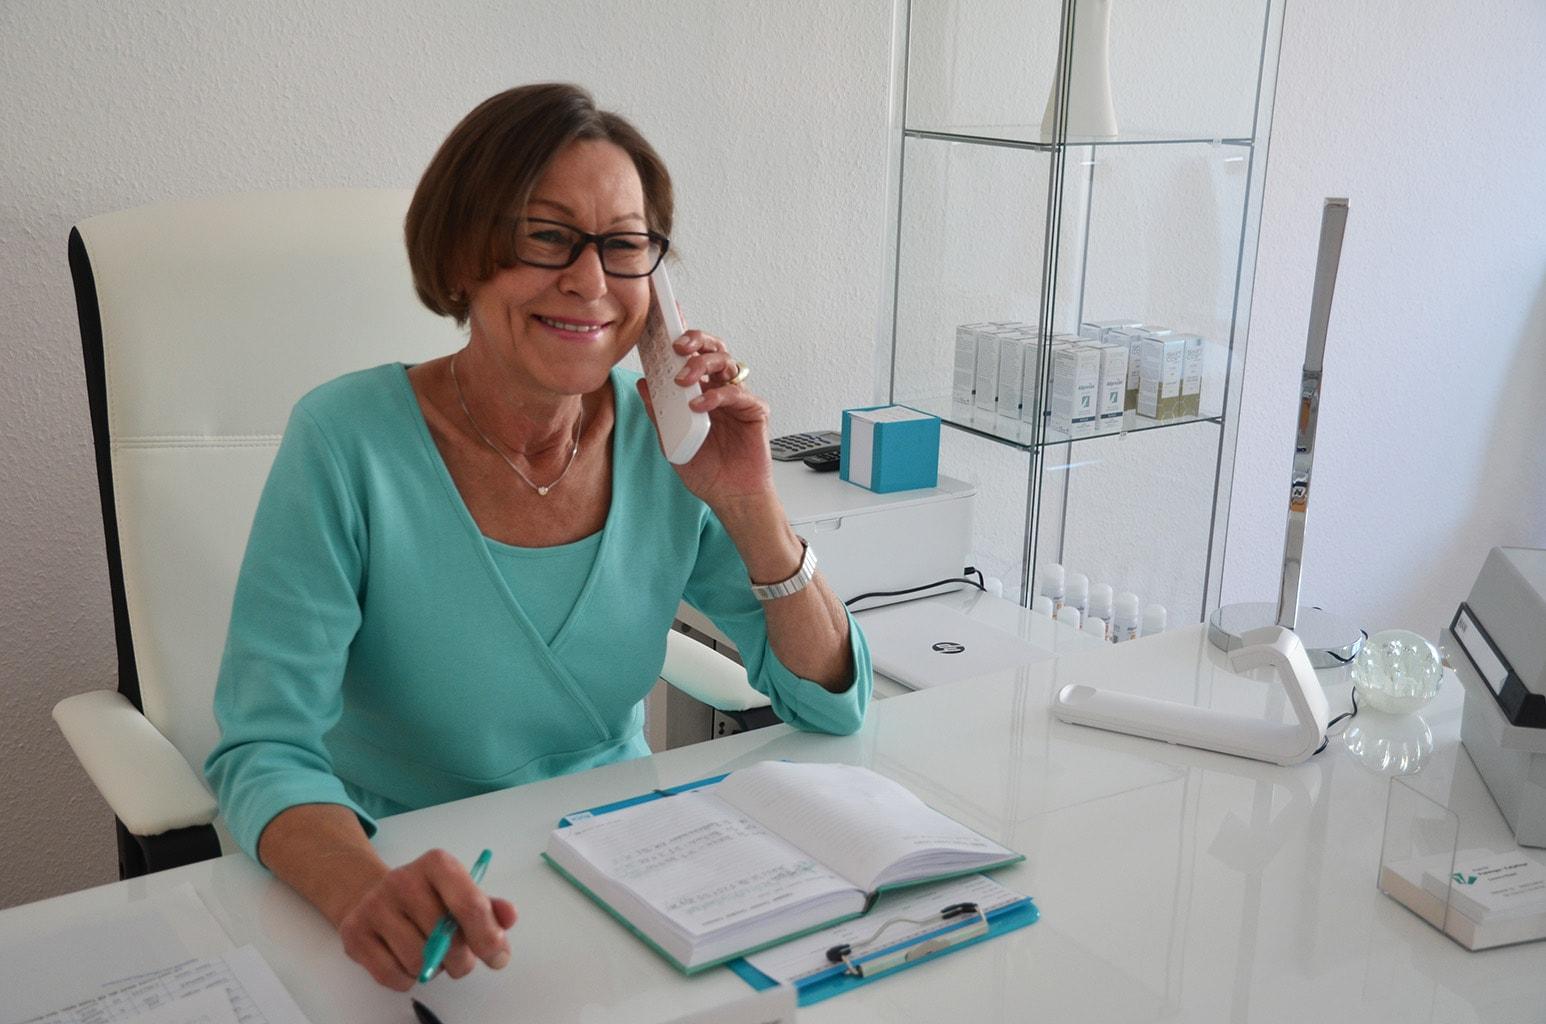 Neue Termine können auch telefonisch vereinbart werden